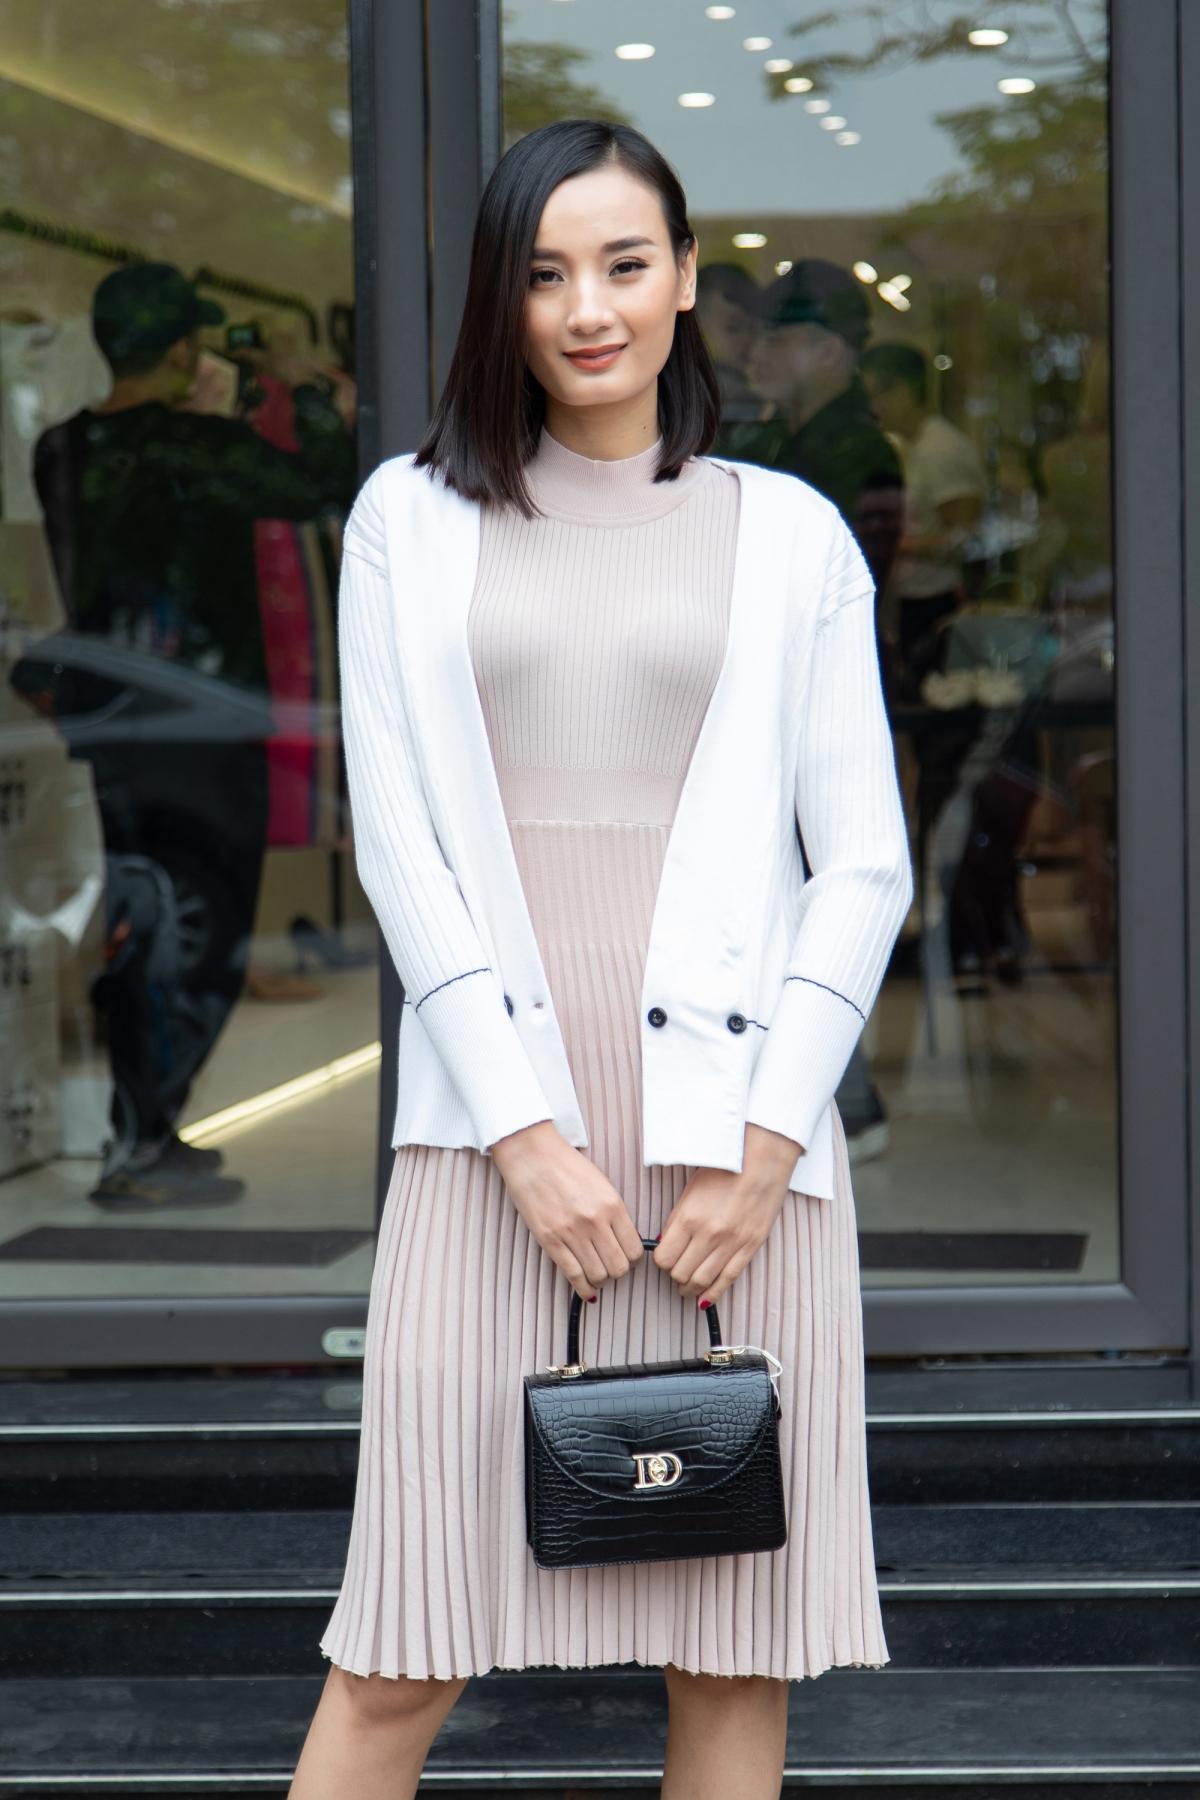 Nàng thơ Lê Thuý diện váy dệt kim màu be cổ điển phối áo khoác sắc trắng trẻ trung bên ngoài.